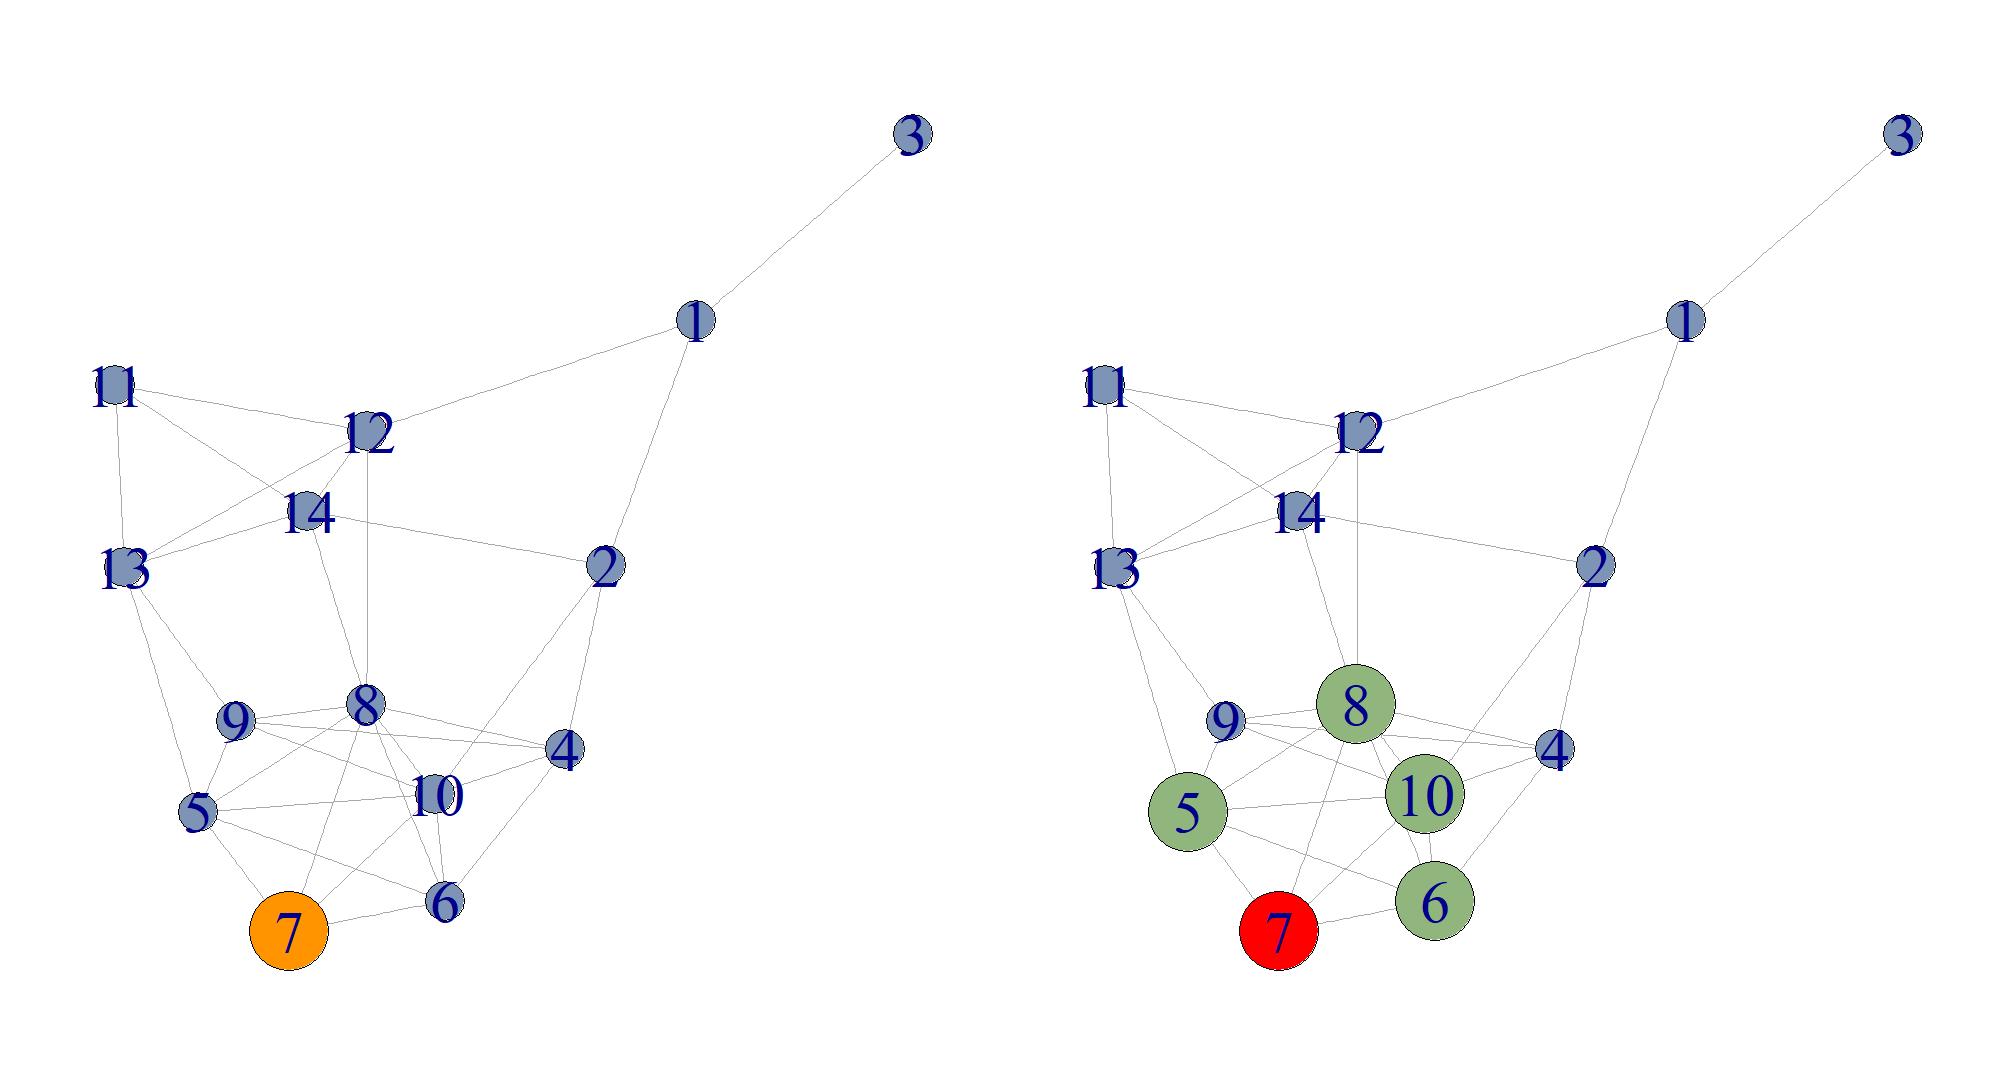 Potenzielle Verbreiter des Beitrags von Person 7 sind in Grün dargestellt